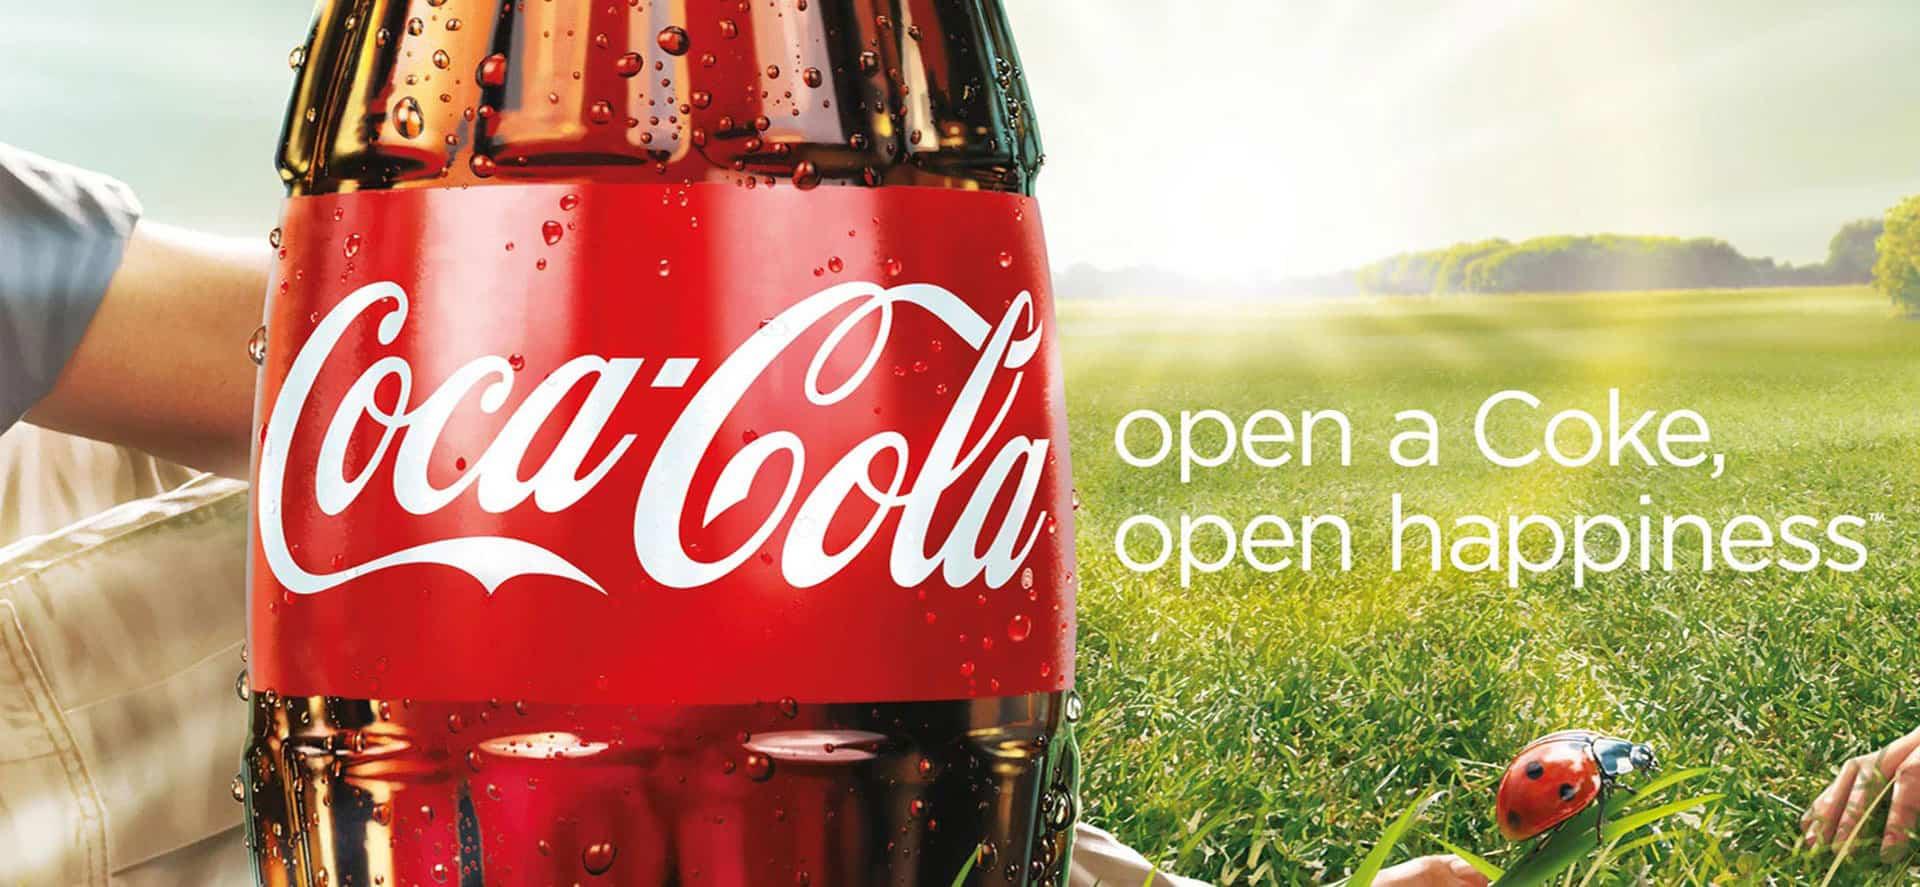 Coca-Cola-coaching-advance-dalal-irene-al-zuhairi-programmazione-mentale-stimoli-emozionali-induzione-al-comportamento-